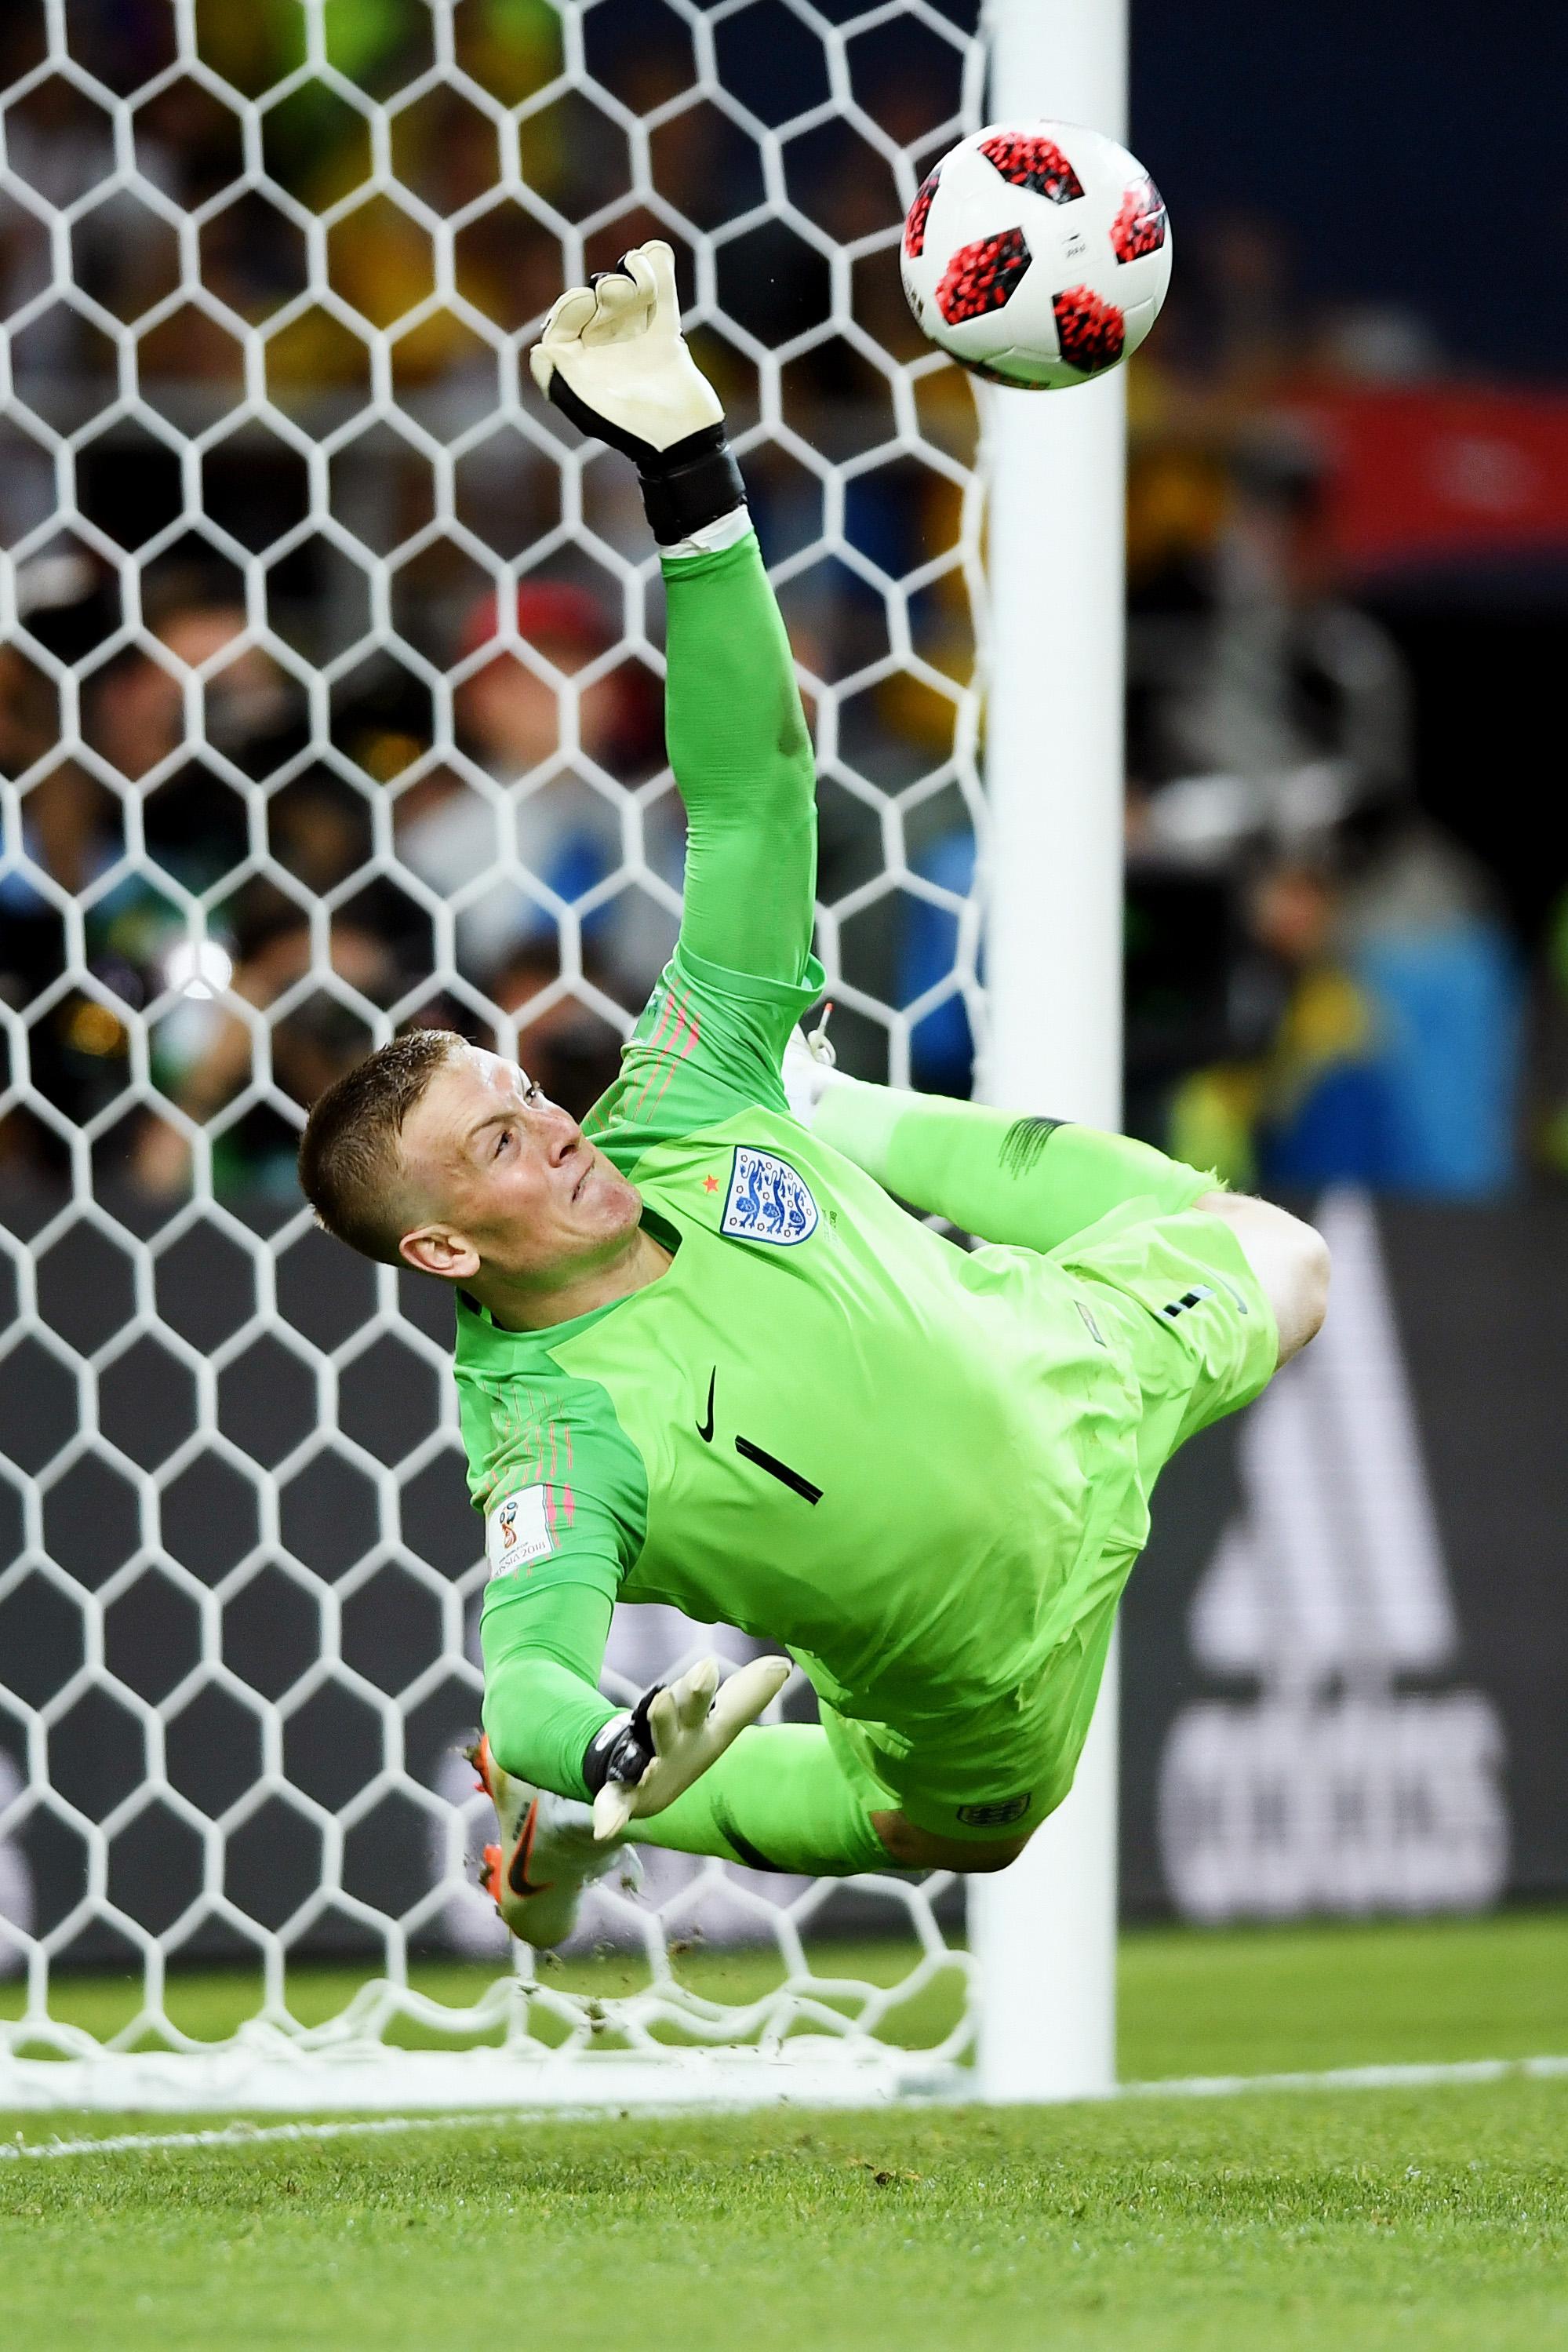 Английский вратарь Джордан Пикфорд отражает удар колумбийца Карлоса Бакки всерии пенальти ивыводит свою сборную вчетвертьфинал.